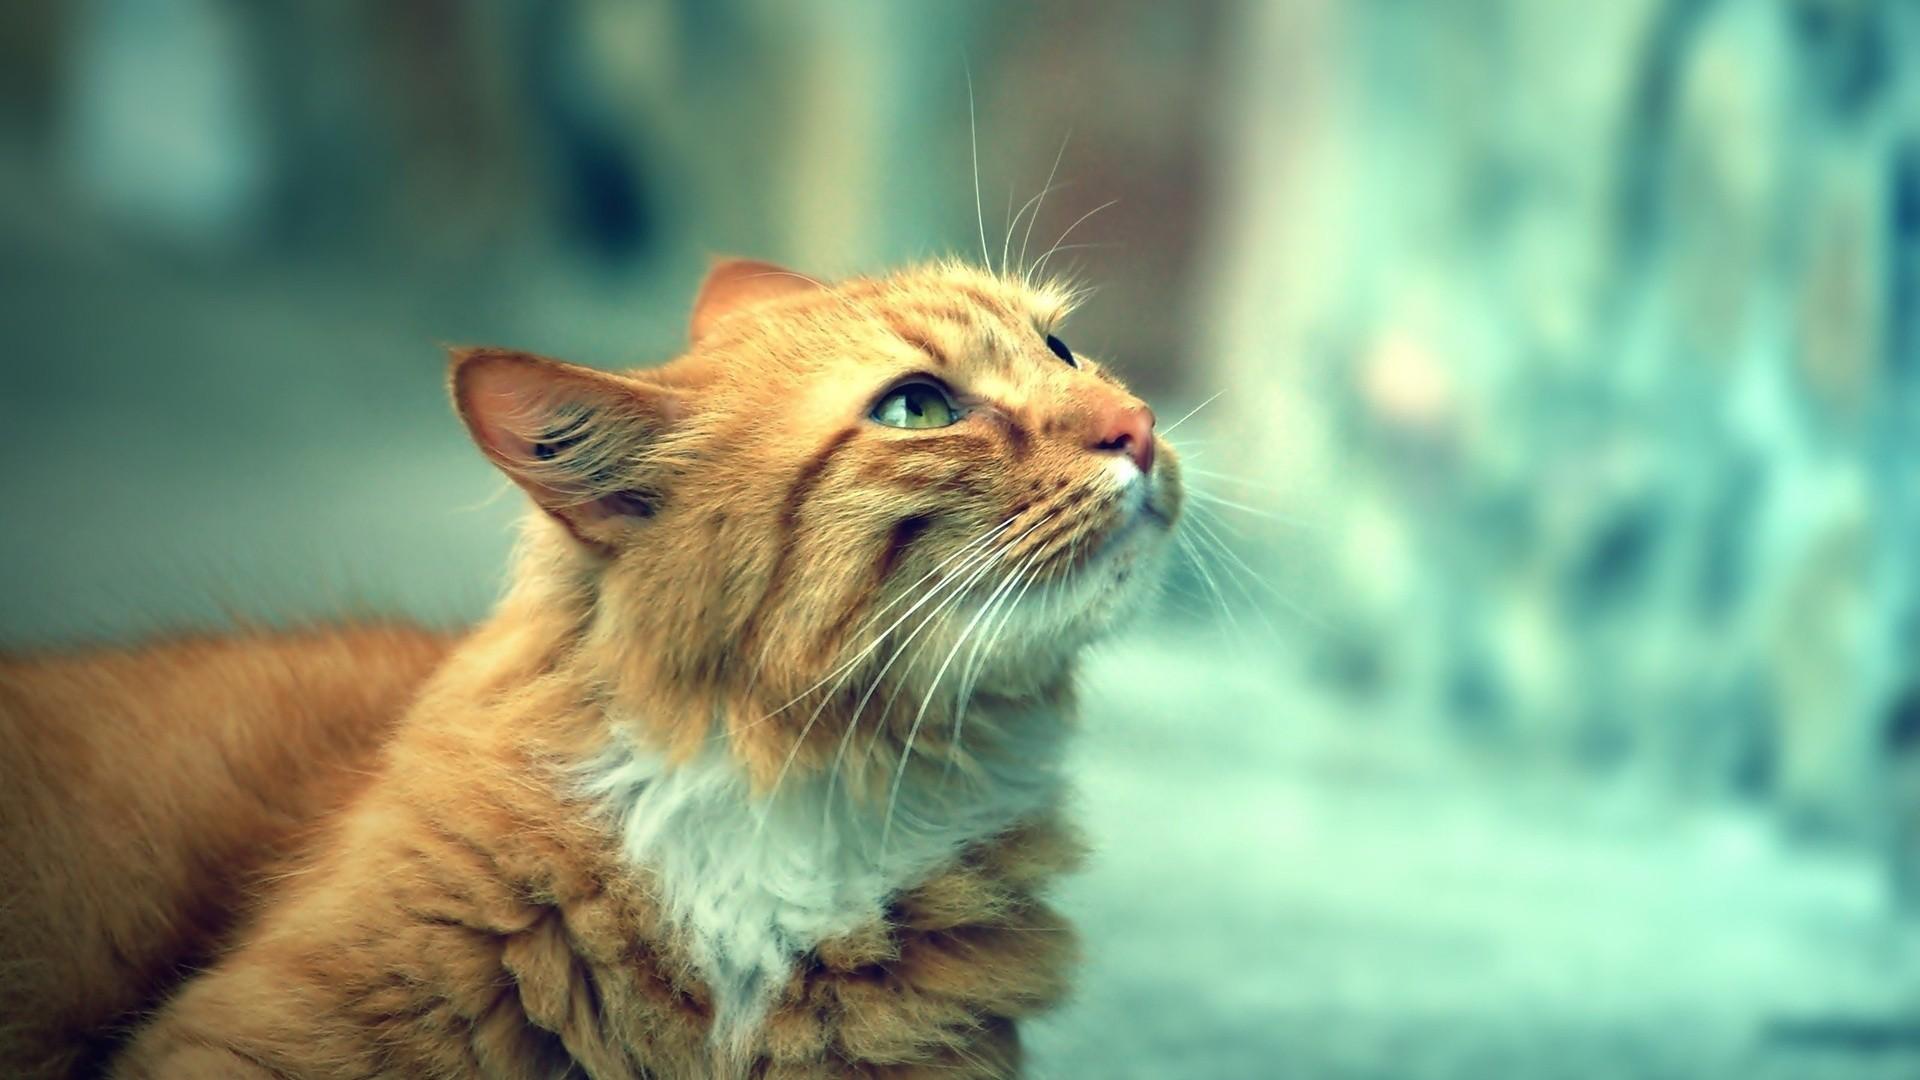 Cats-cats-1920x1080